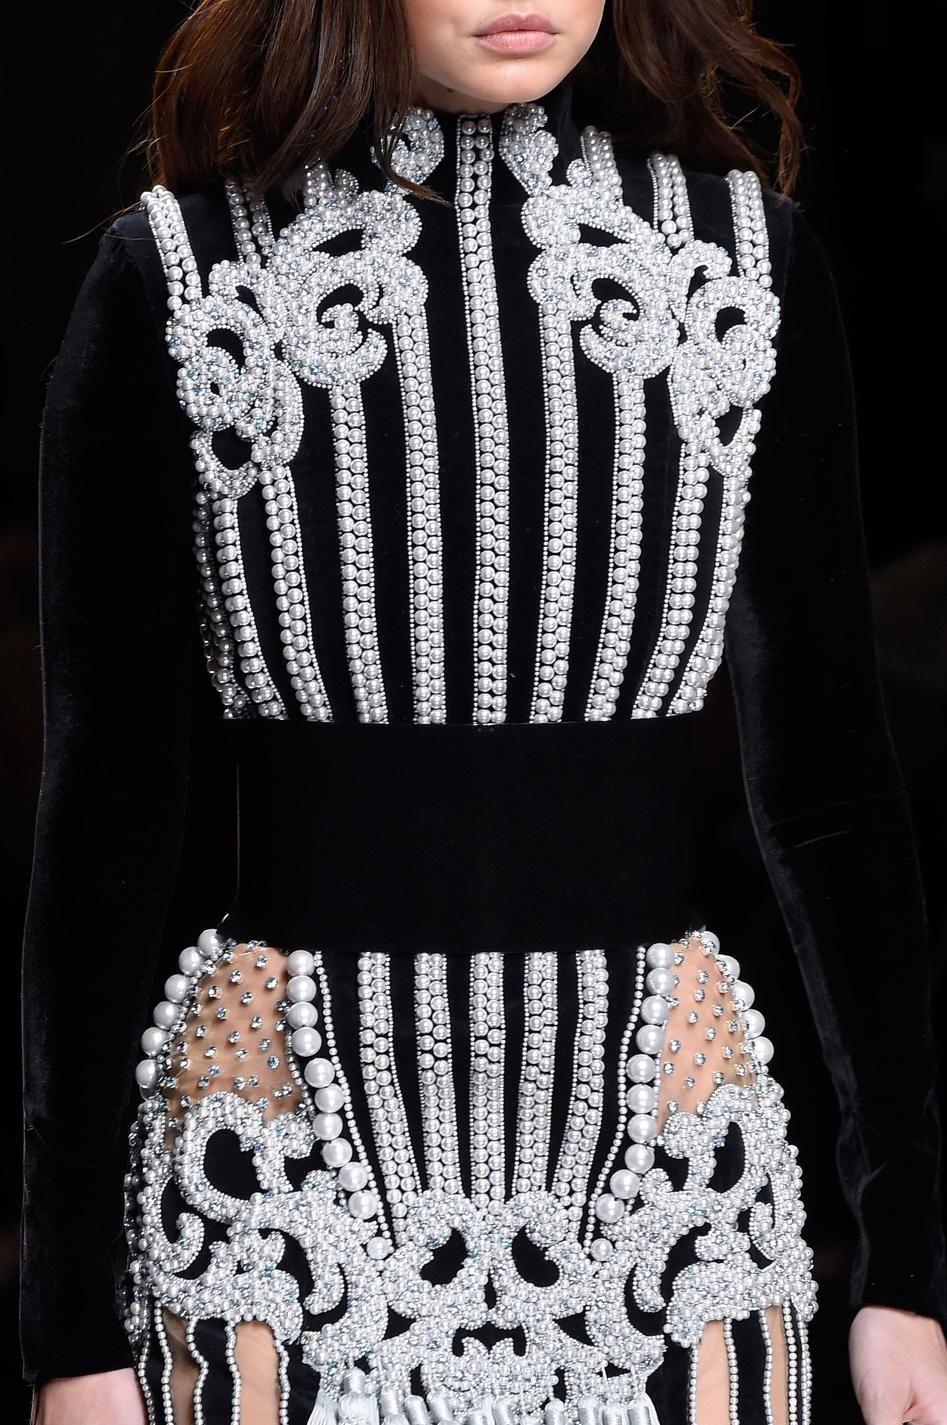 d fil balmain automne hiver 2016 2017 pr t porter women 39 s fashion haute couture mode. Black Bedroom Furniture Sets. Home Design Ideas